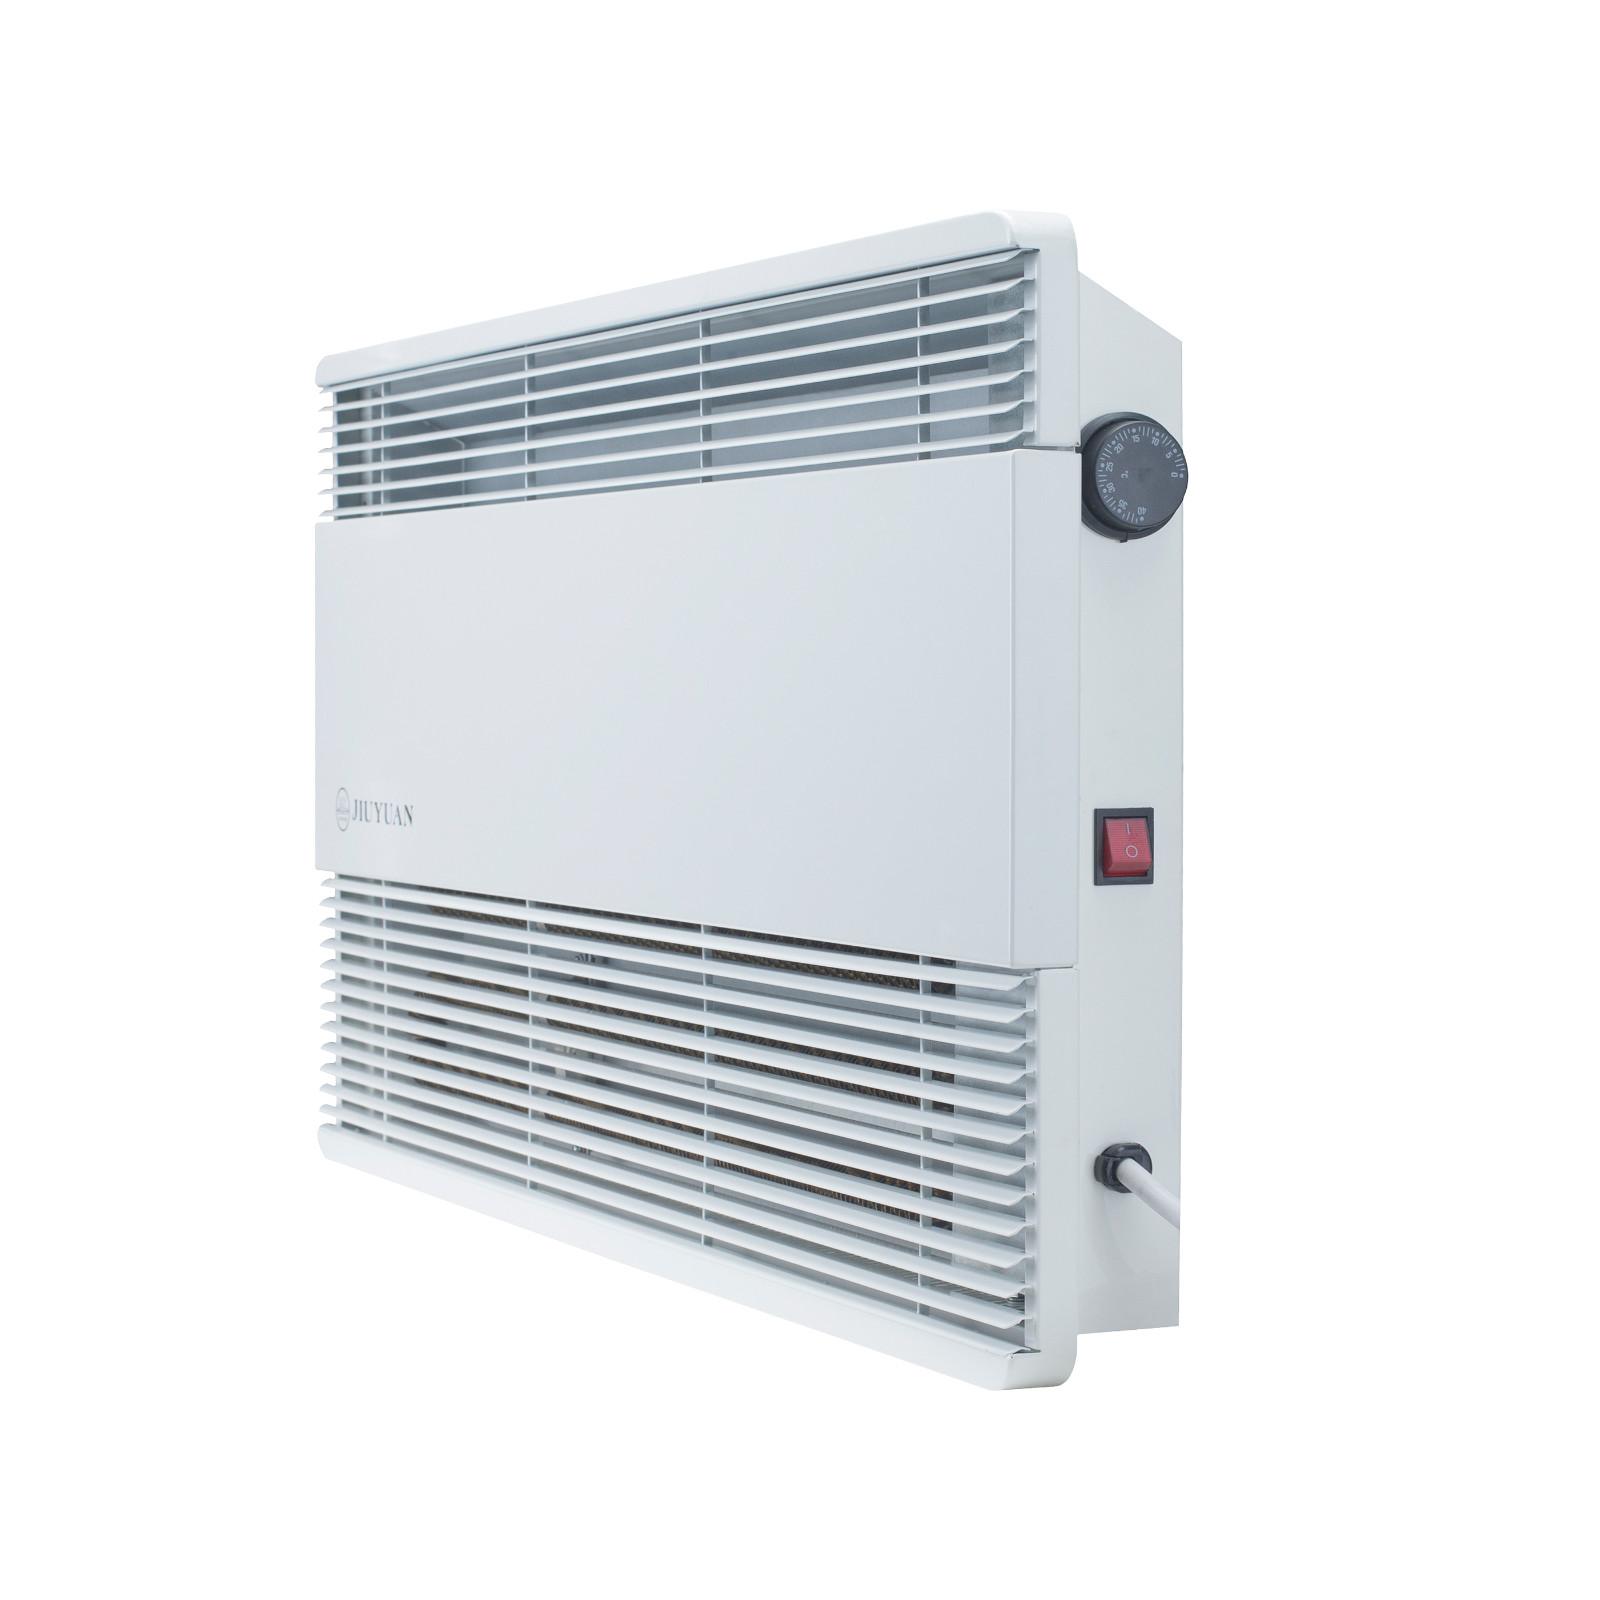 加热器价格_高效工业加热设备_上海九源电热电器有限公司